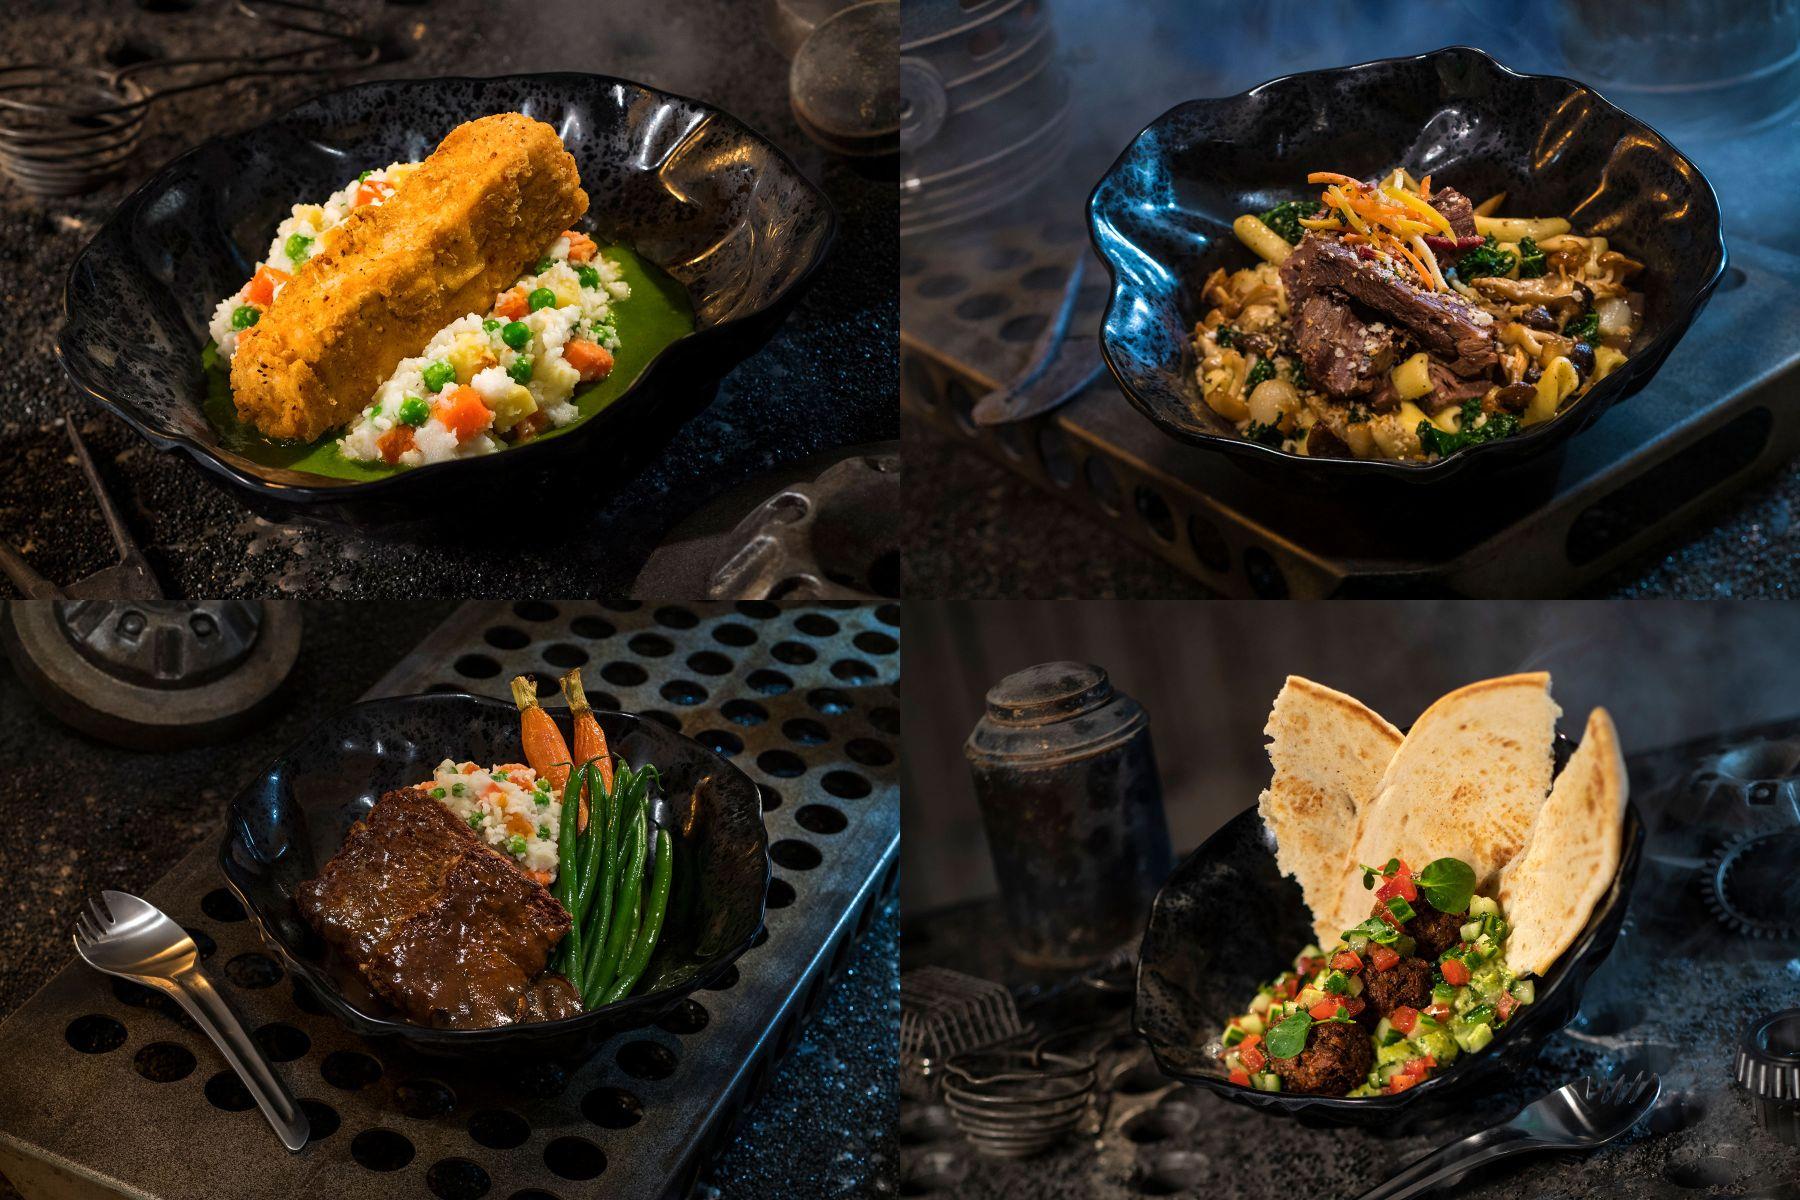 Galaktikus étkek: endori rántott tip-yip és párolt shaak sült (fent), ithori kerti fasírt és feluciai kerti falatok (lent)